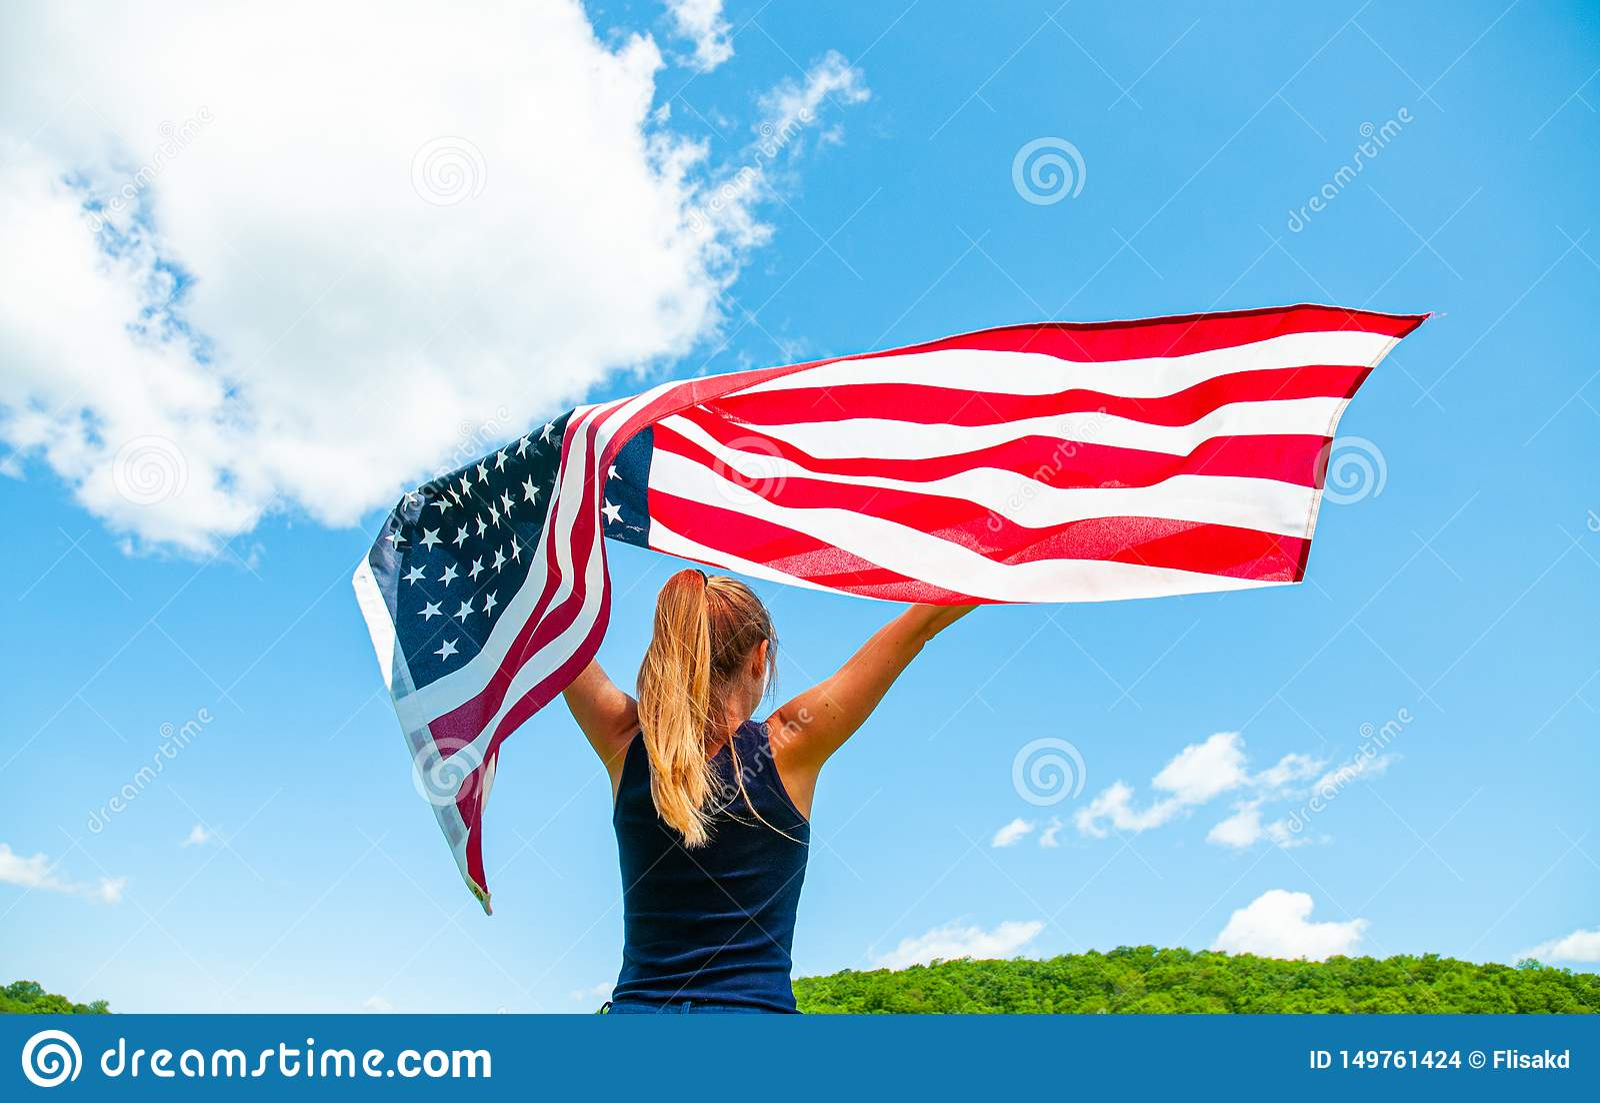 Νέα αμερικανική σημαία εκμετάλλευσης γυναικών στο υπόβαθρο μπλε ουρανού Οι Ηνωμένες Πολιτείες γιορτάζουν 4ος του Ιουλίου